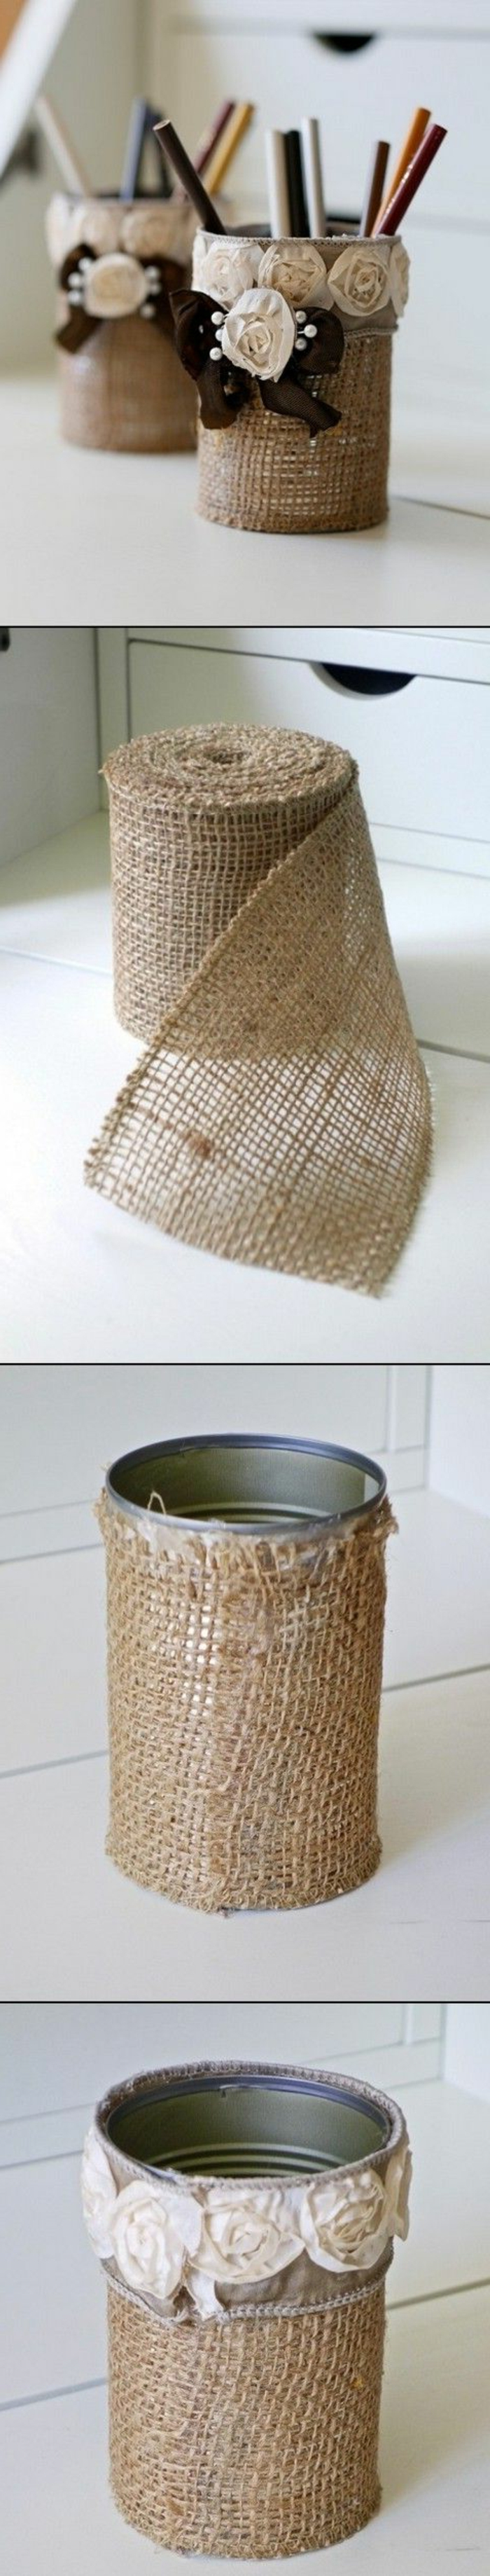 pot-a-crayon-shabby-chic-a-fabriquer-soi-meme-idée-comment-customiser-un-pot-a-crayon-décoré-de-fleurs-en-tissu-organisateur-bureau-élégant